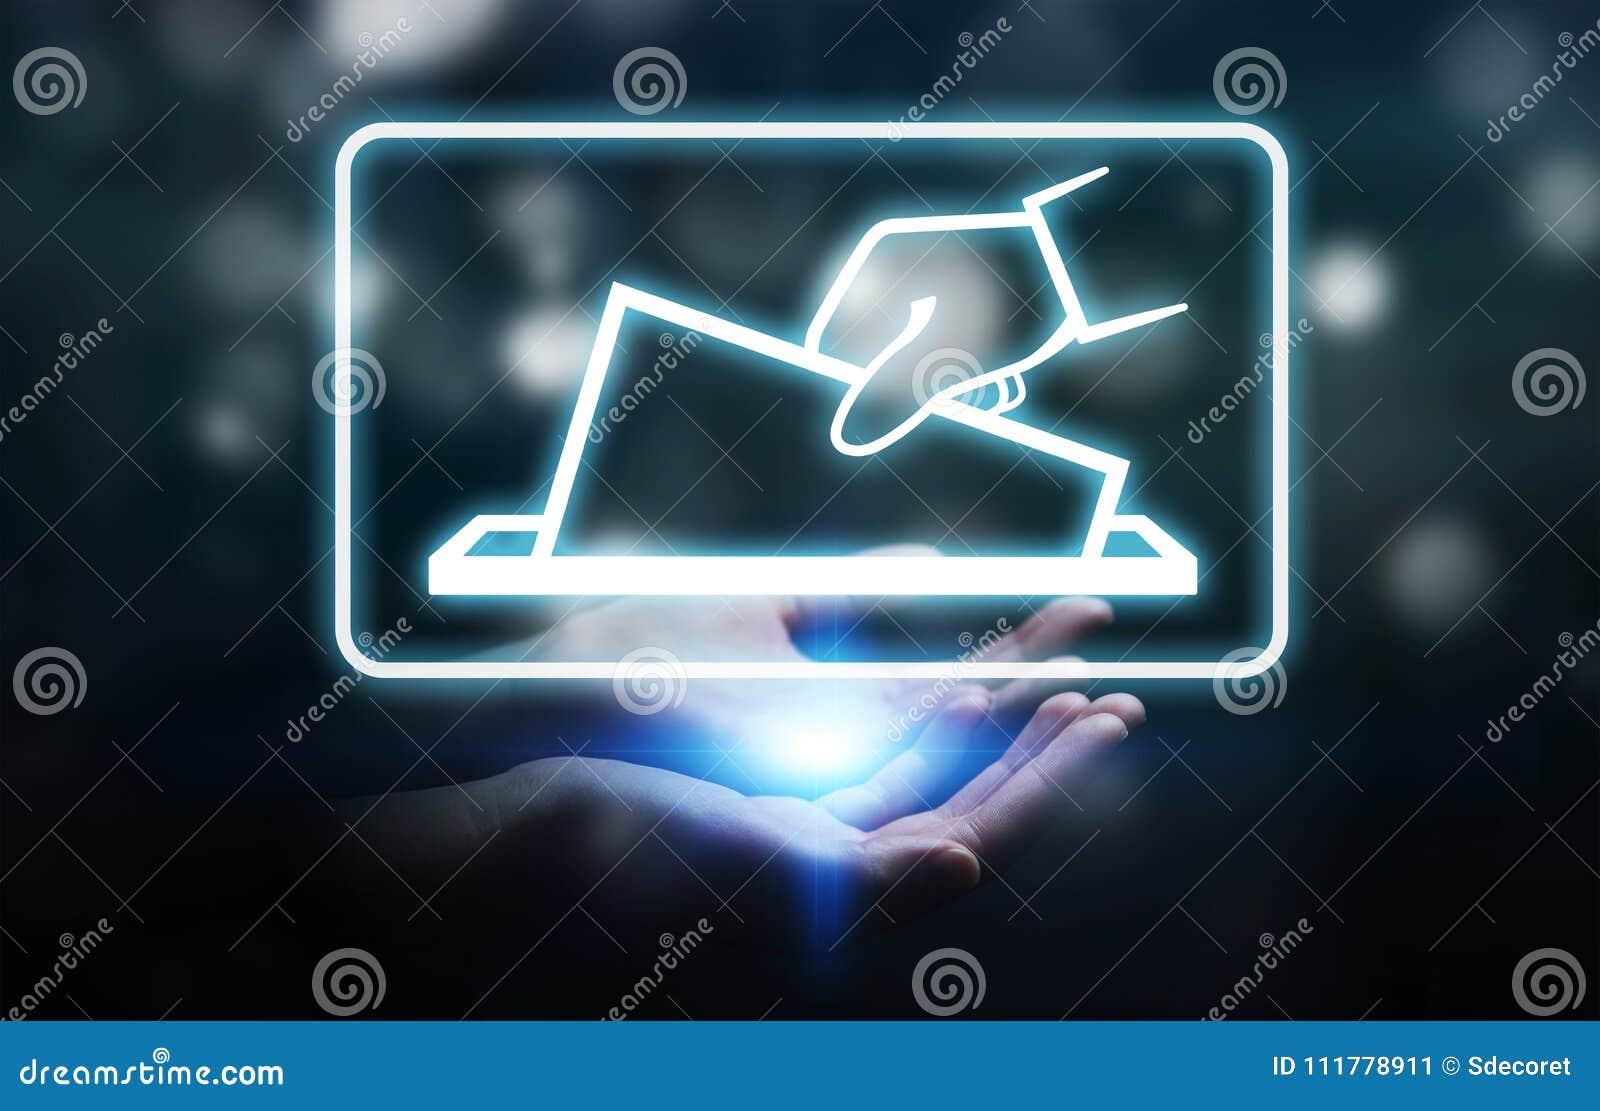 Επιχειρηματίας που ψηφίζει χρησιμοποιώντας την ψηφιακή τρισδιάστατη απόδοση διεπαφών